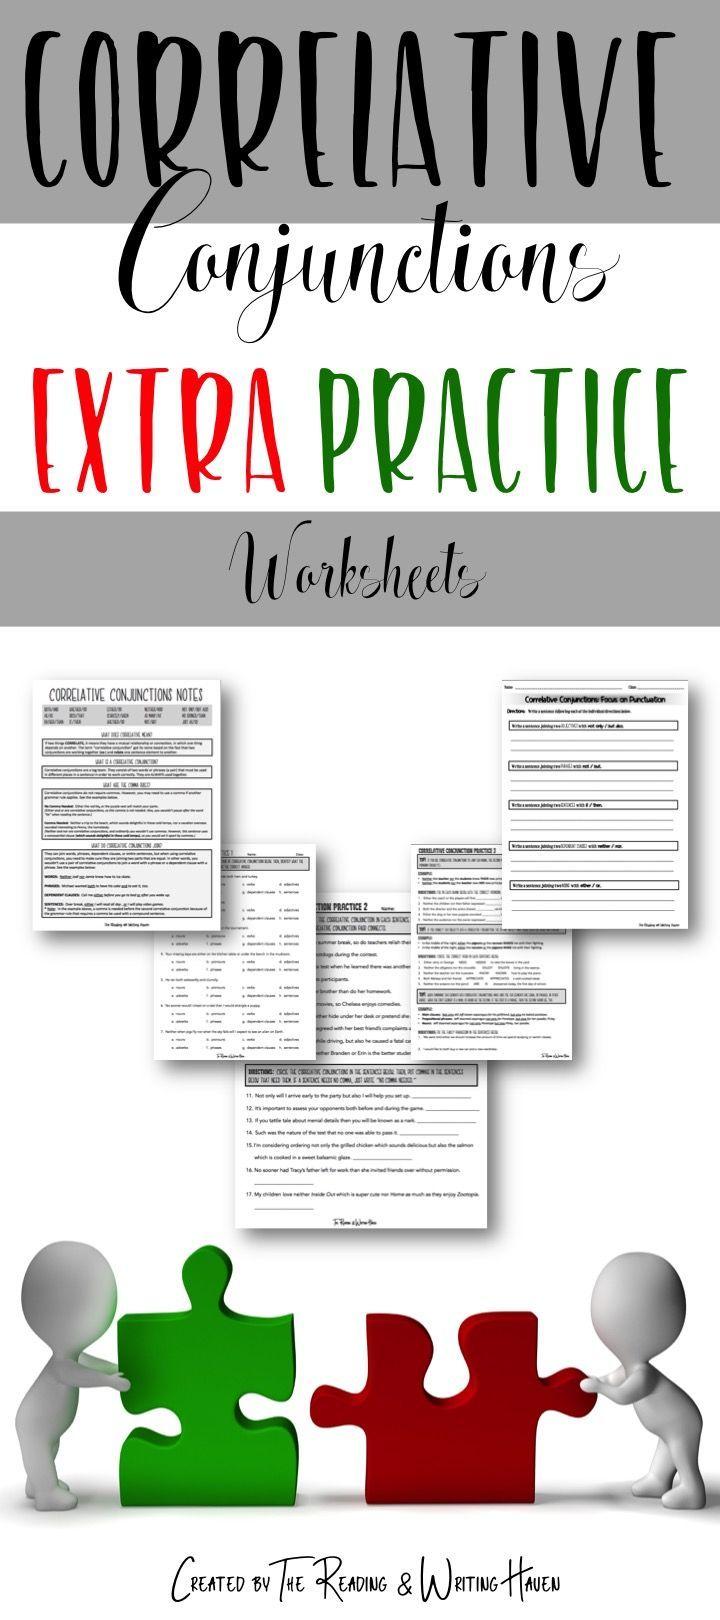 worksheet Correlative Conjunctions Worksheet correlative conjunctions practice worksheets and students worksheets